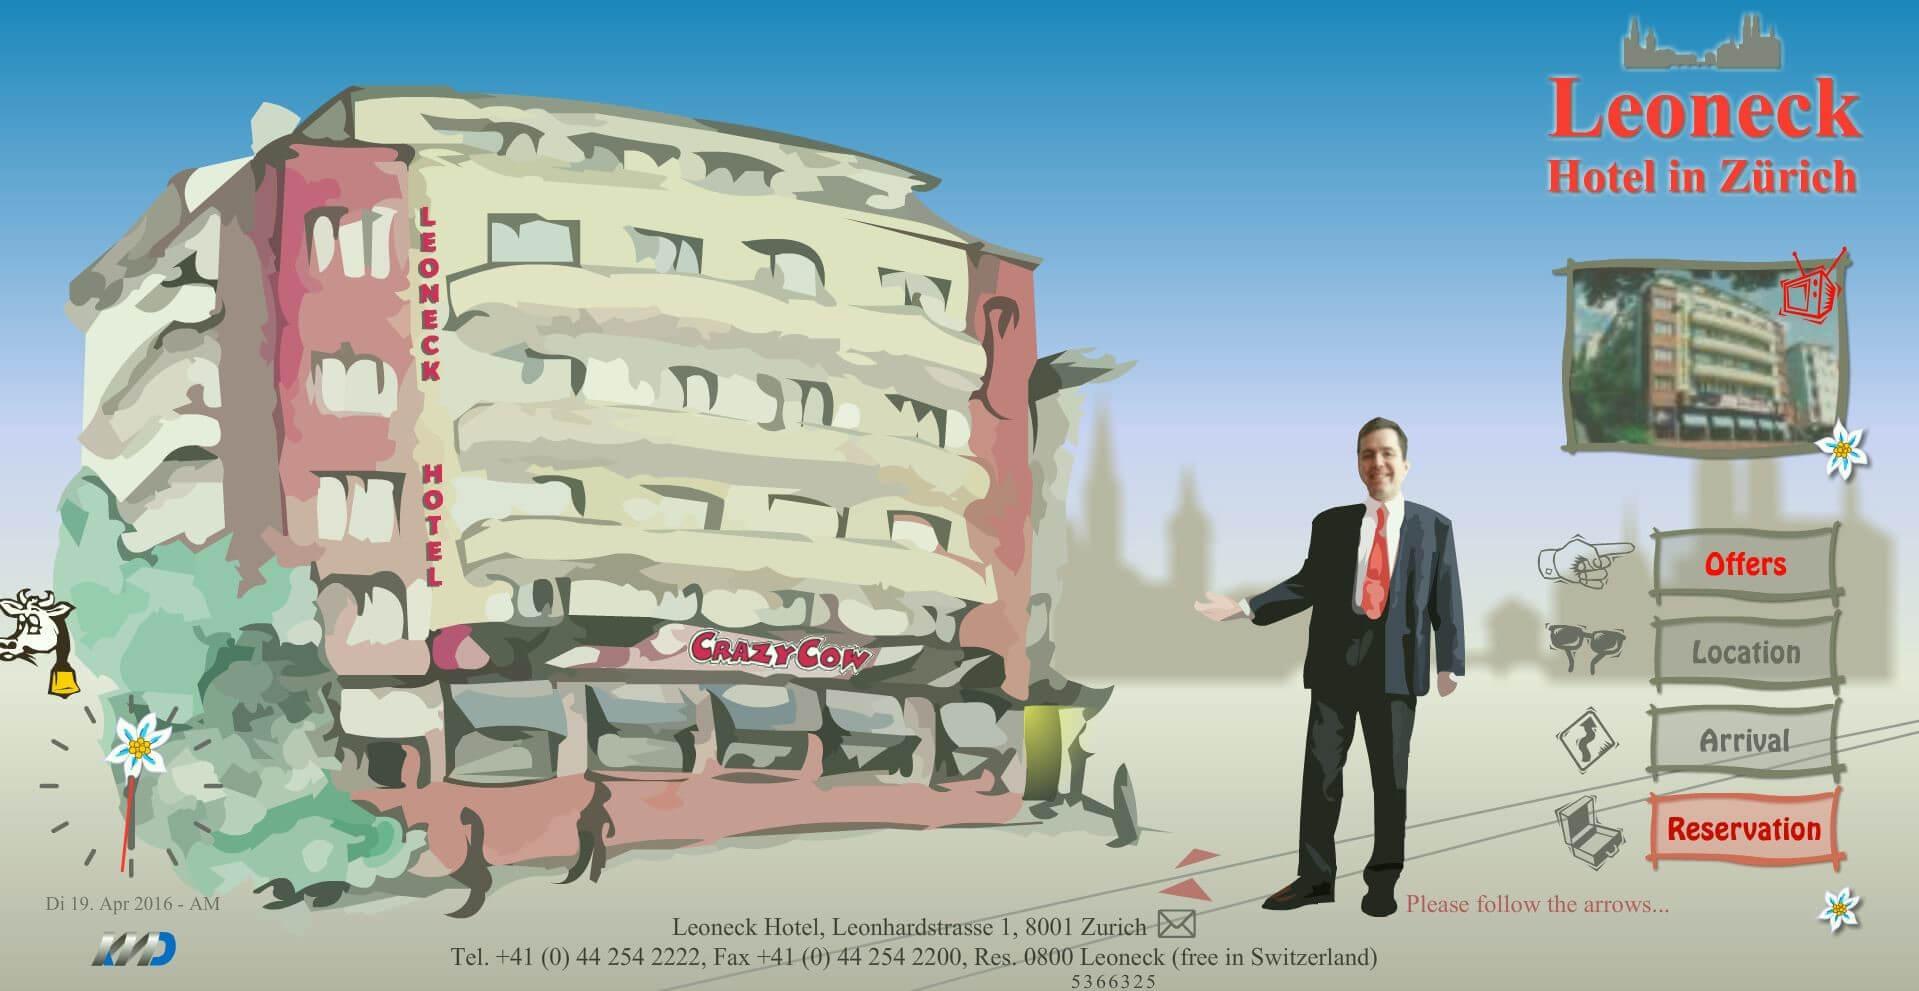 leoneck-hotel-zurich